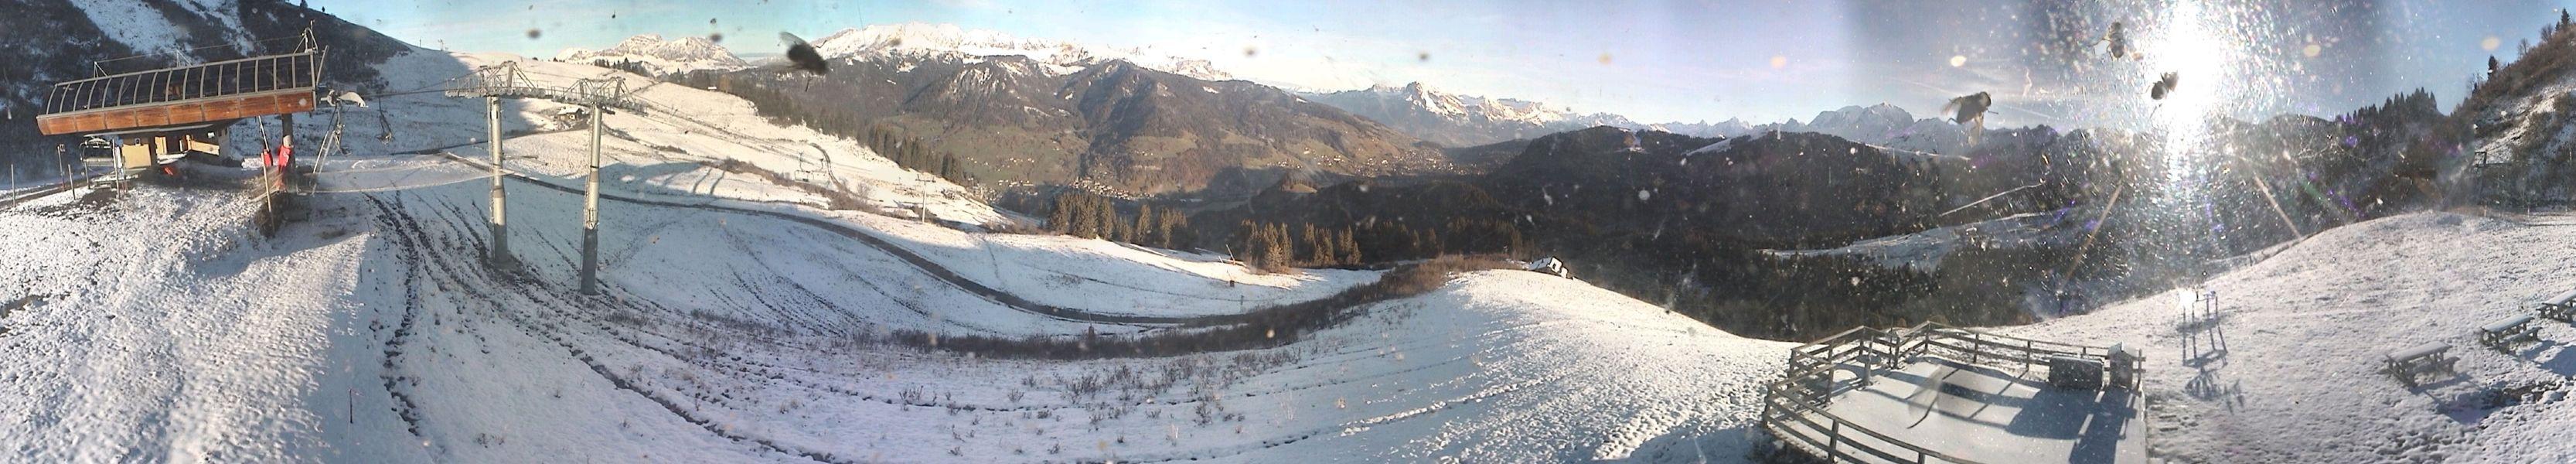 700 mètres de dénivelée plus haut, une mince pellicule blanche recouvre les pentes du Crêt du Midi